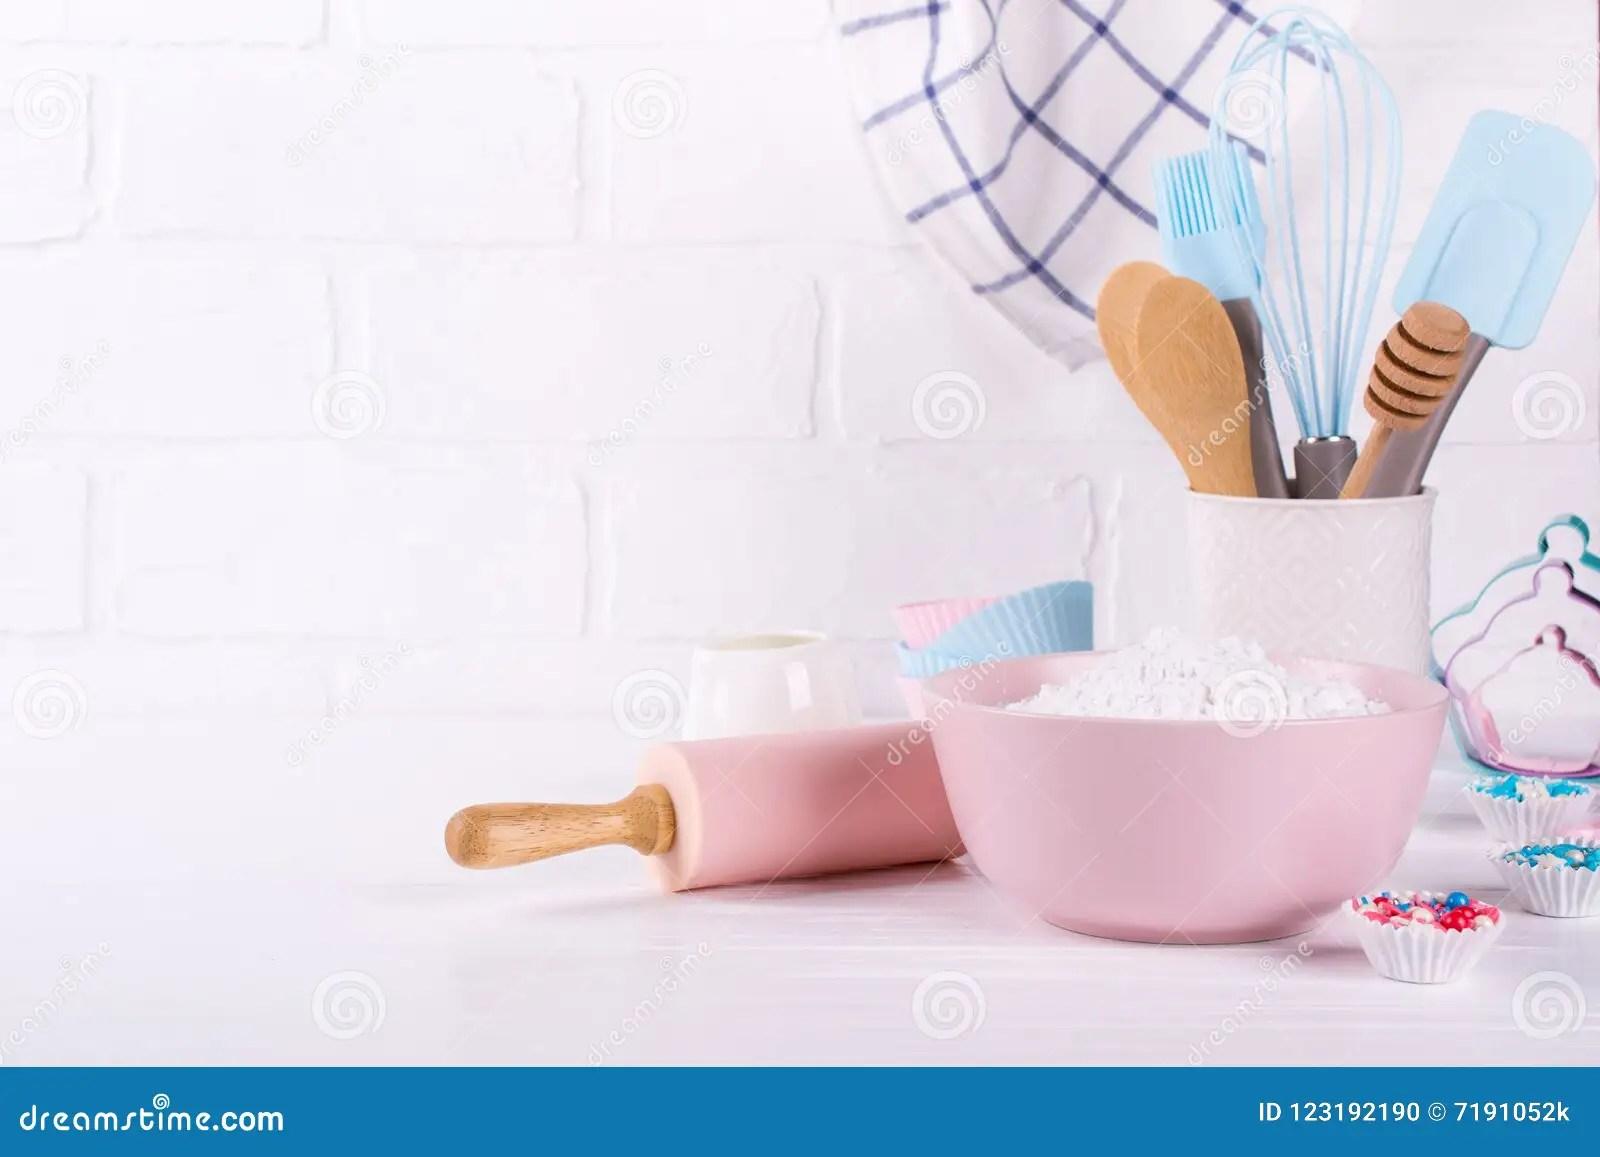 kitchen tools store outdoor covers 面包店器物为烘烤的厨房工具在白色背景库存照片 图片包括有厨具 粉红色 面包店器物为烘烤的厨房工具在白色木背景